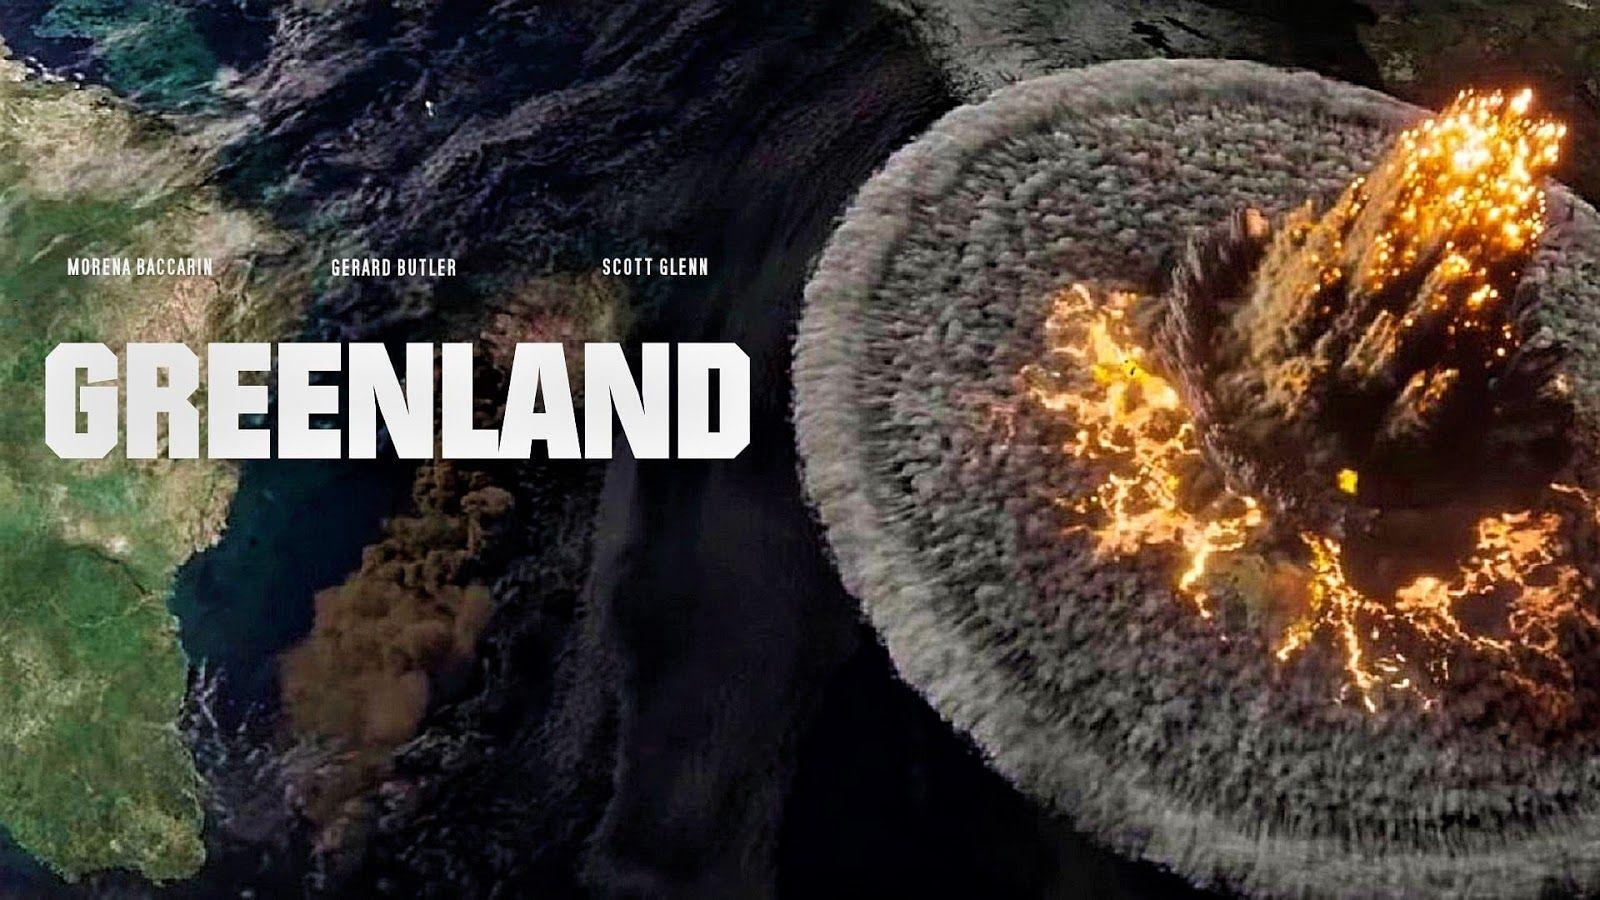 Greenland Movie 2020 Trailer